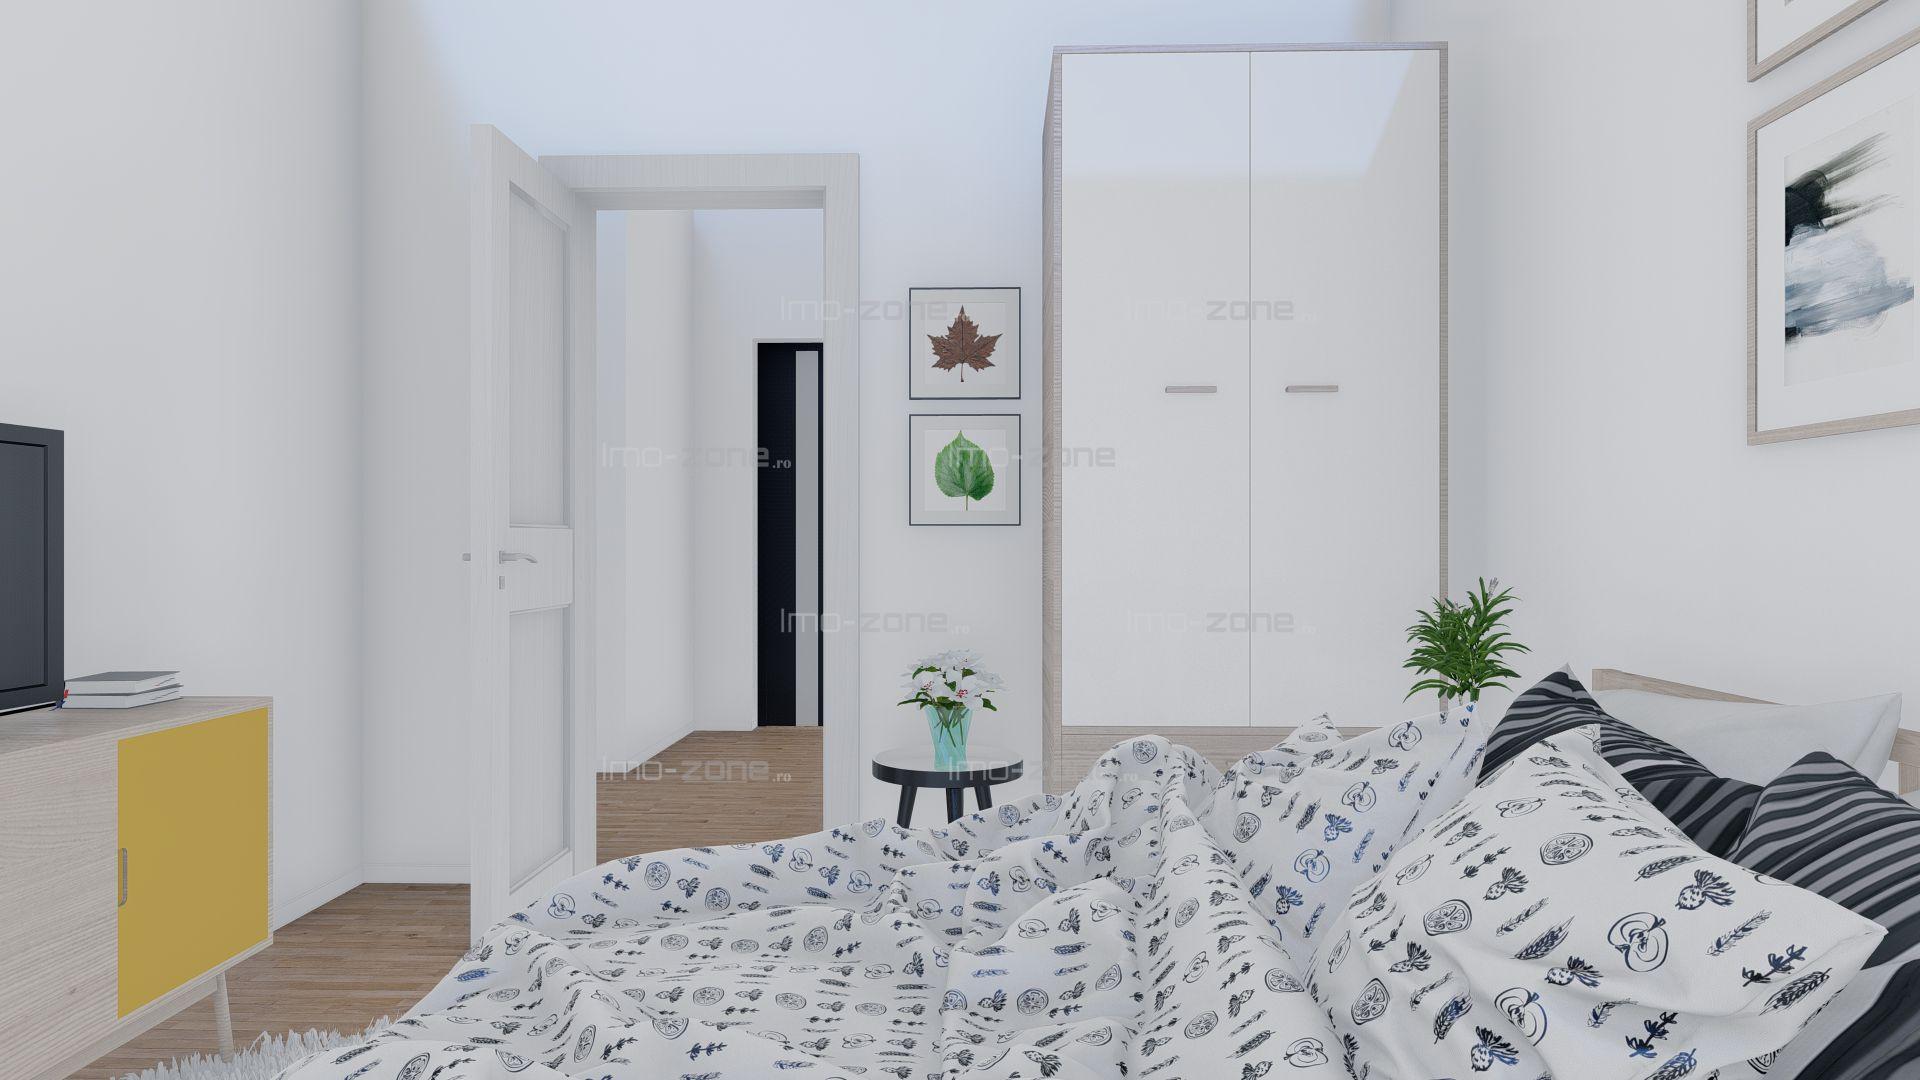 Apartament Studio - 45 mp utili, Militari - Metrou Pacii, bloc nou, comision 0%